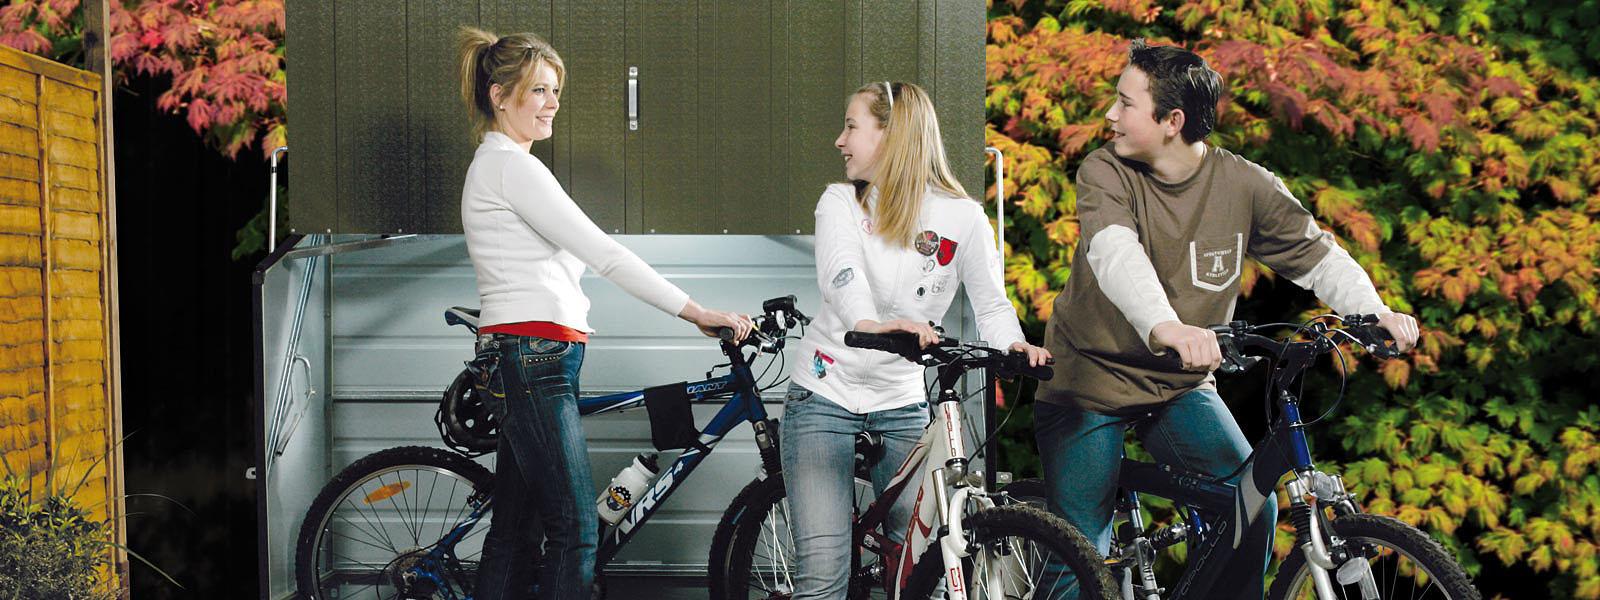 bike-box-banners-3